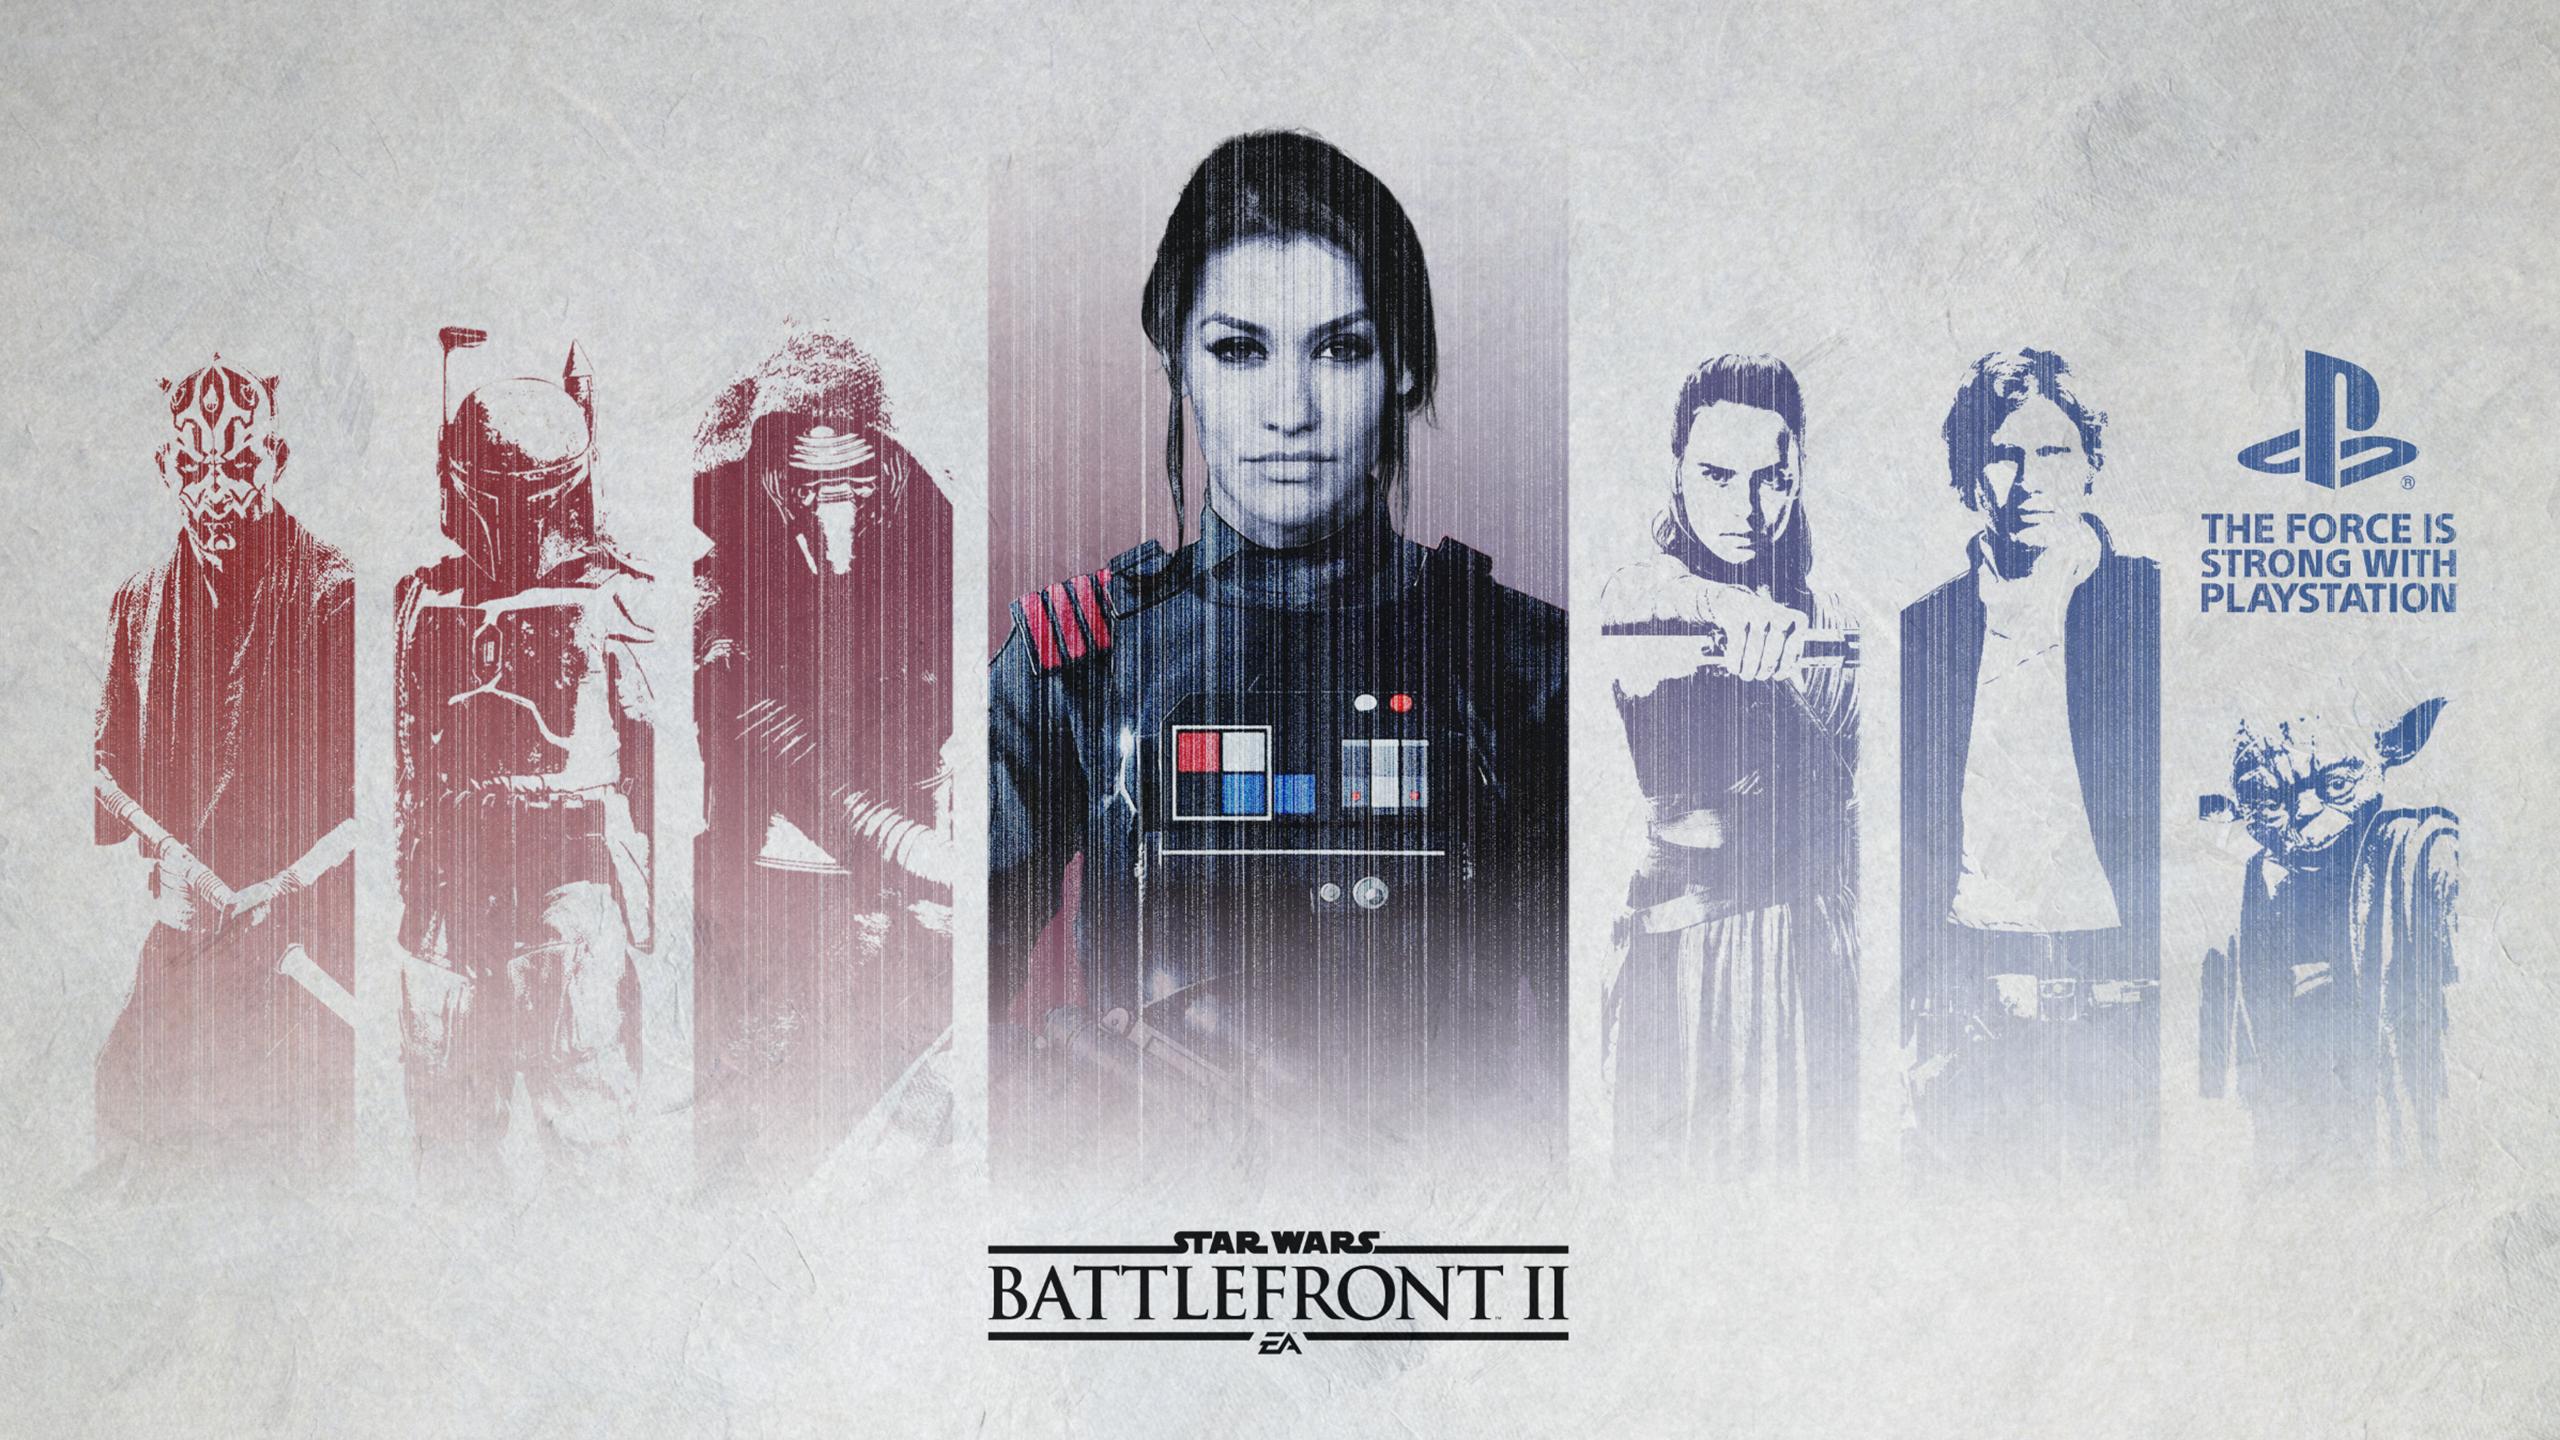 Star Wars Battlefront 2 Wallpaper Ps4 2560x1440 Download Hd Wallpaper Wallpapertip